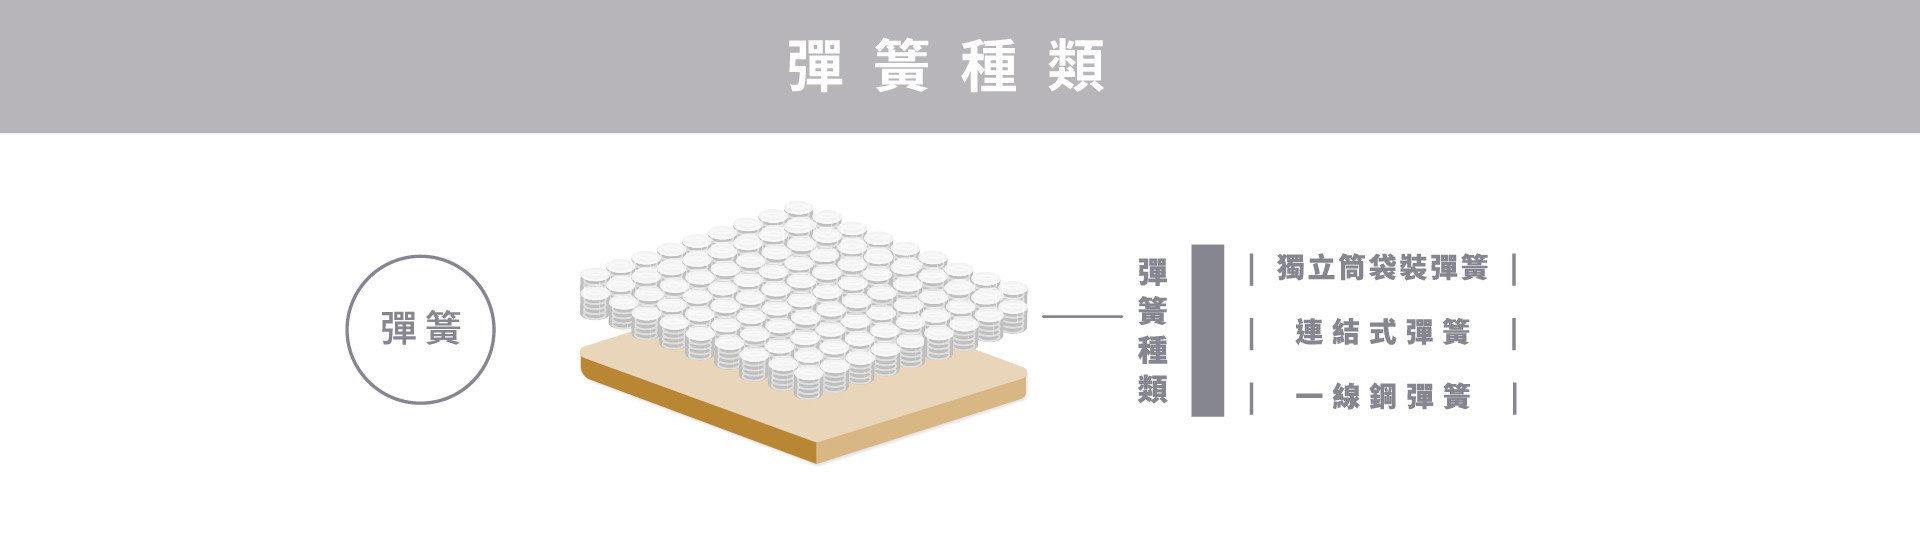 明久床墊彈簧種類:獨立筒袋裝彈簧、 連結式彈簧、一線鋼彈簧